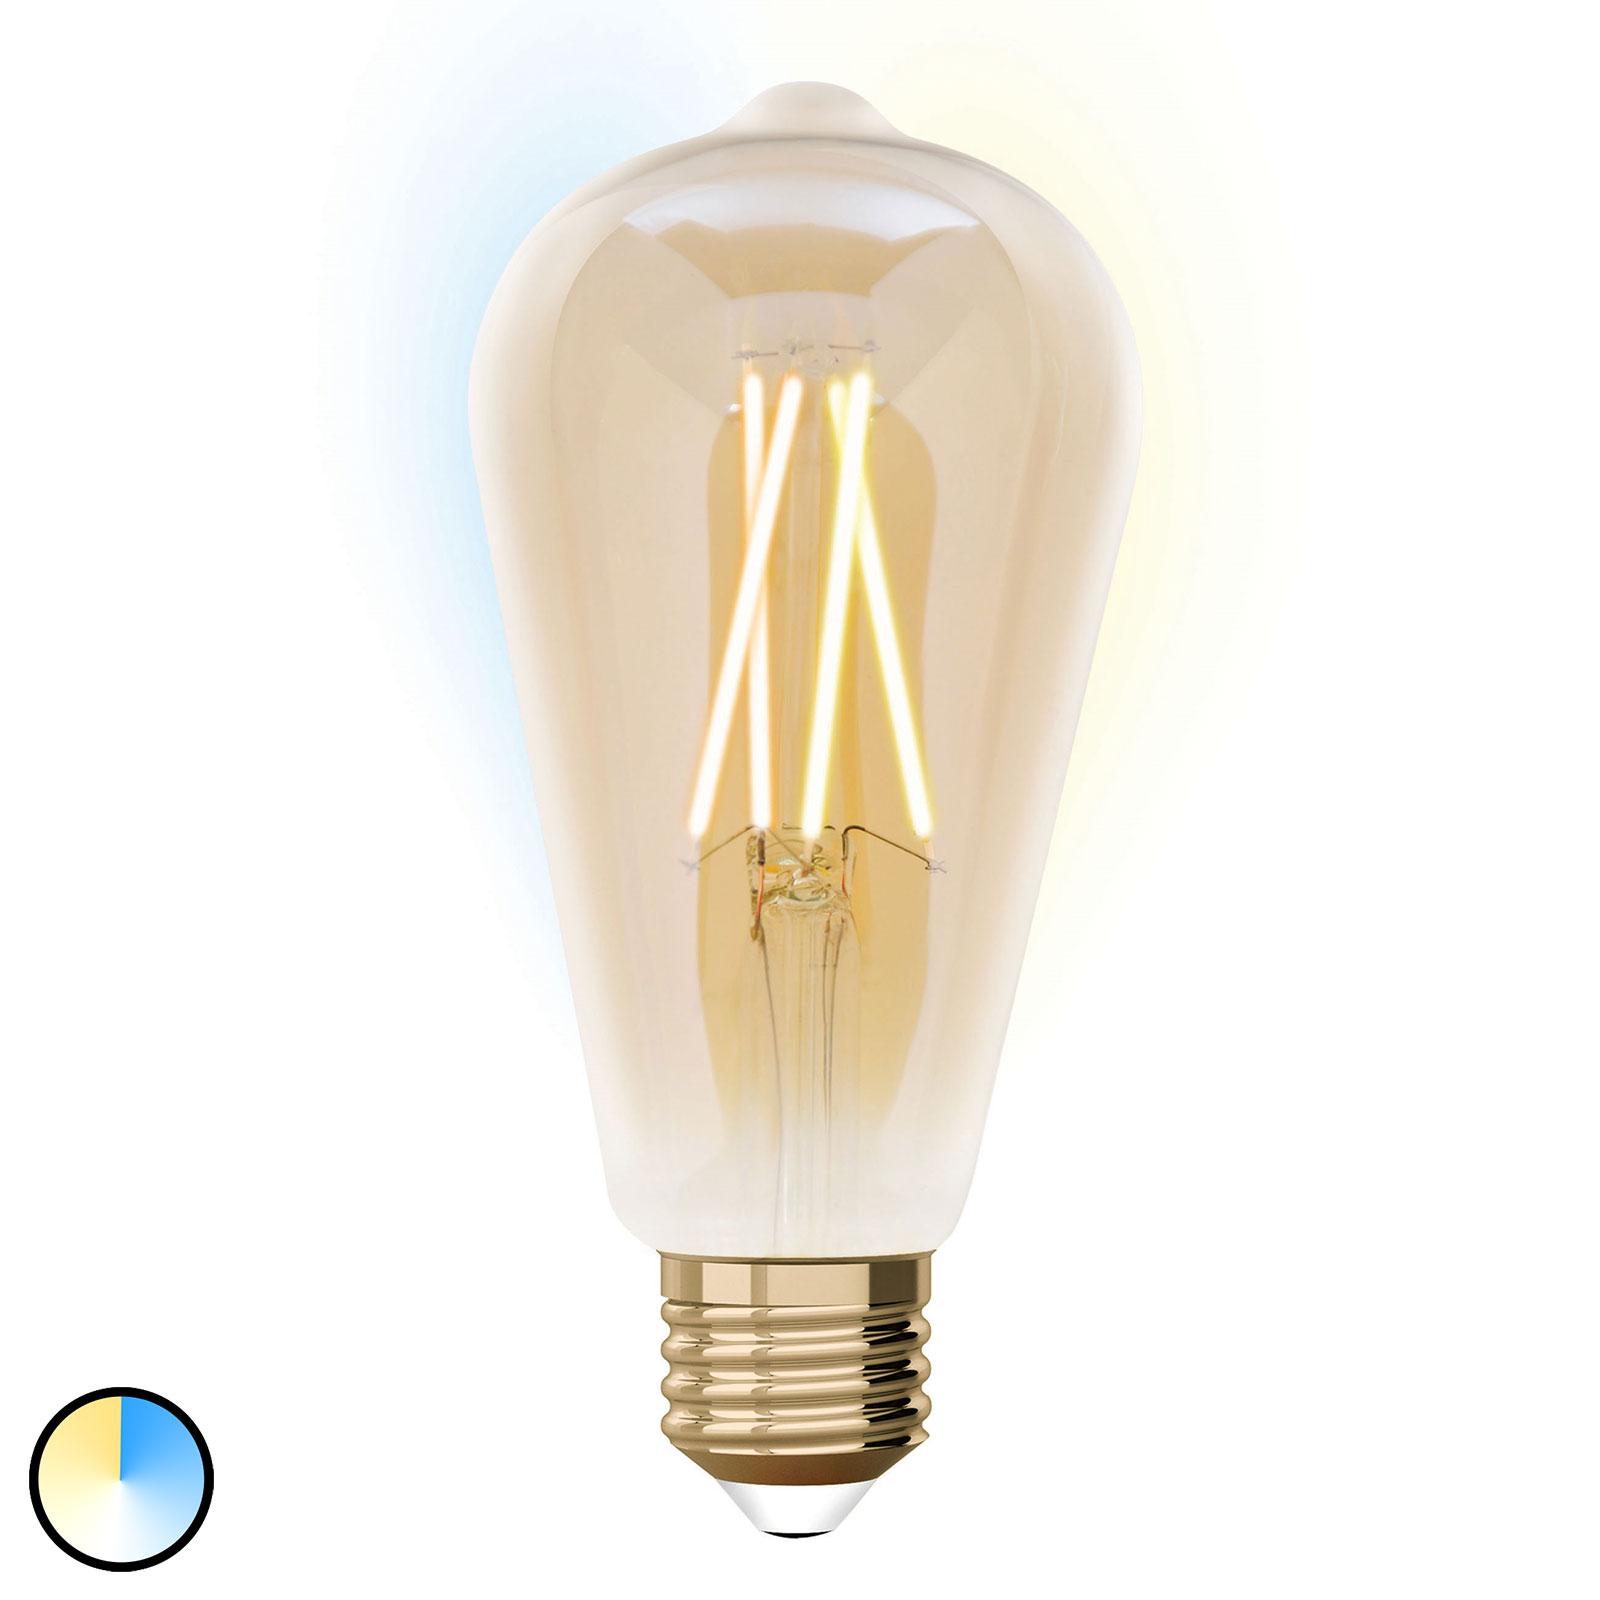 iDual ampoule E27 9W ST64 extension